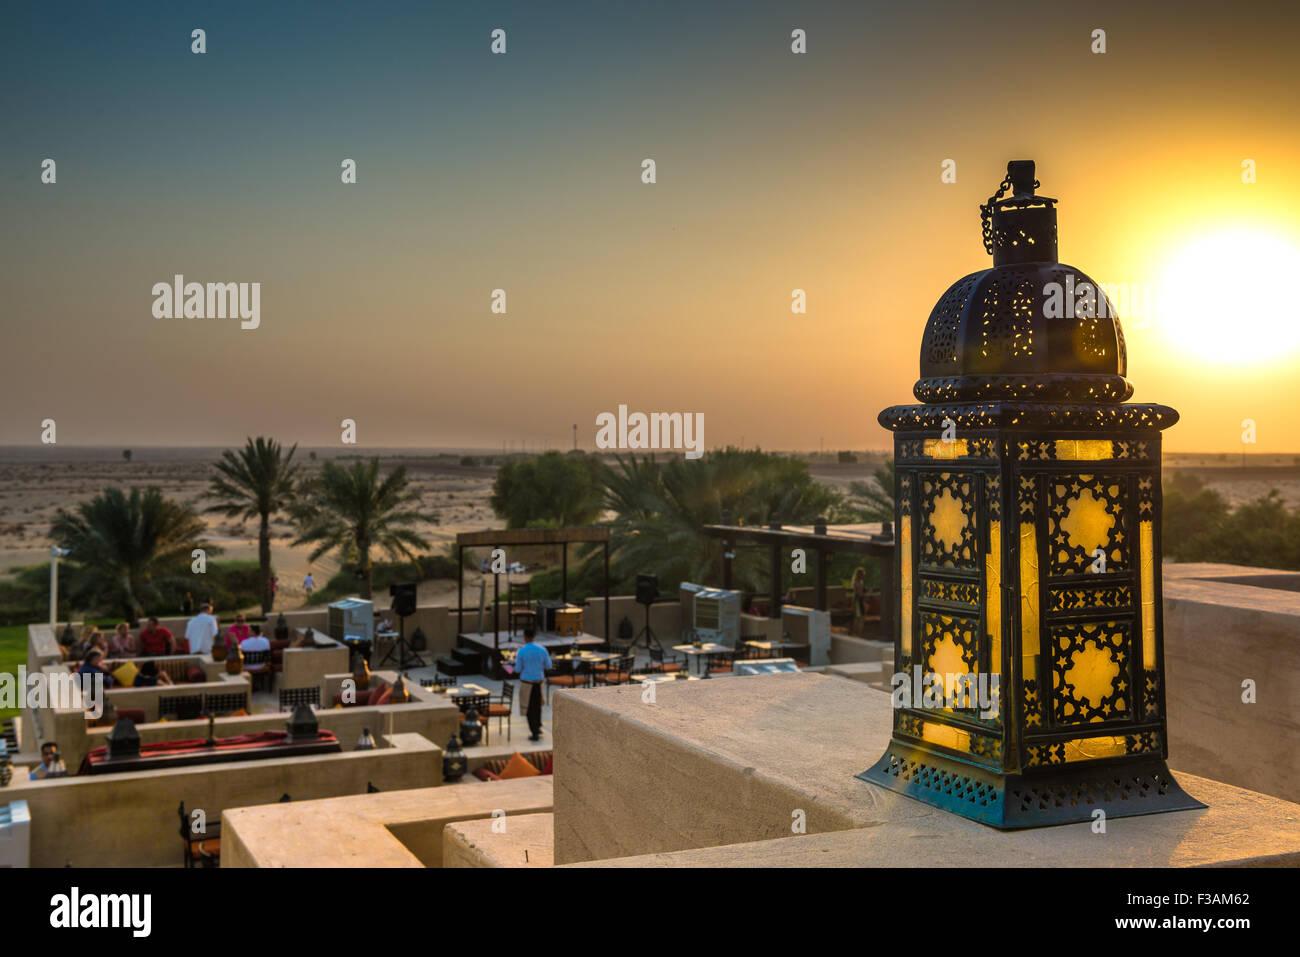 Sonnenuntergang über der Wüste von Dubai gesehen von der Al Sarab Rooftop Lounge bei Bab Al Shams Resort Stockbild